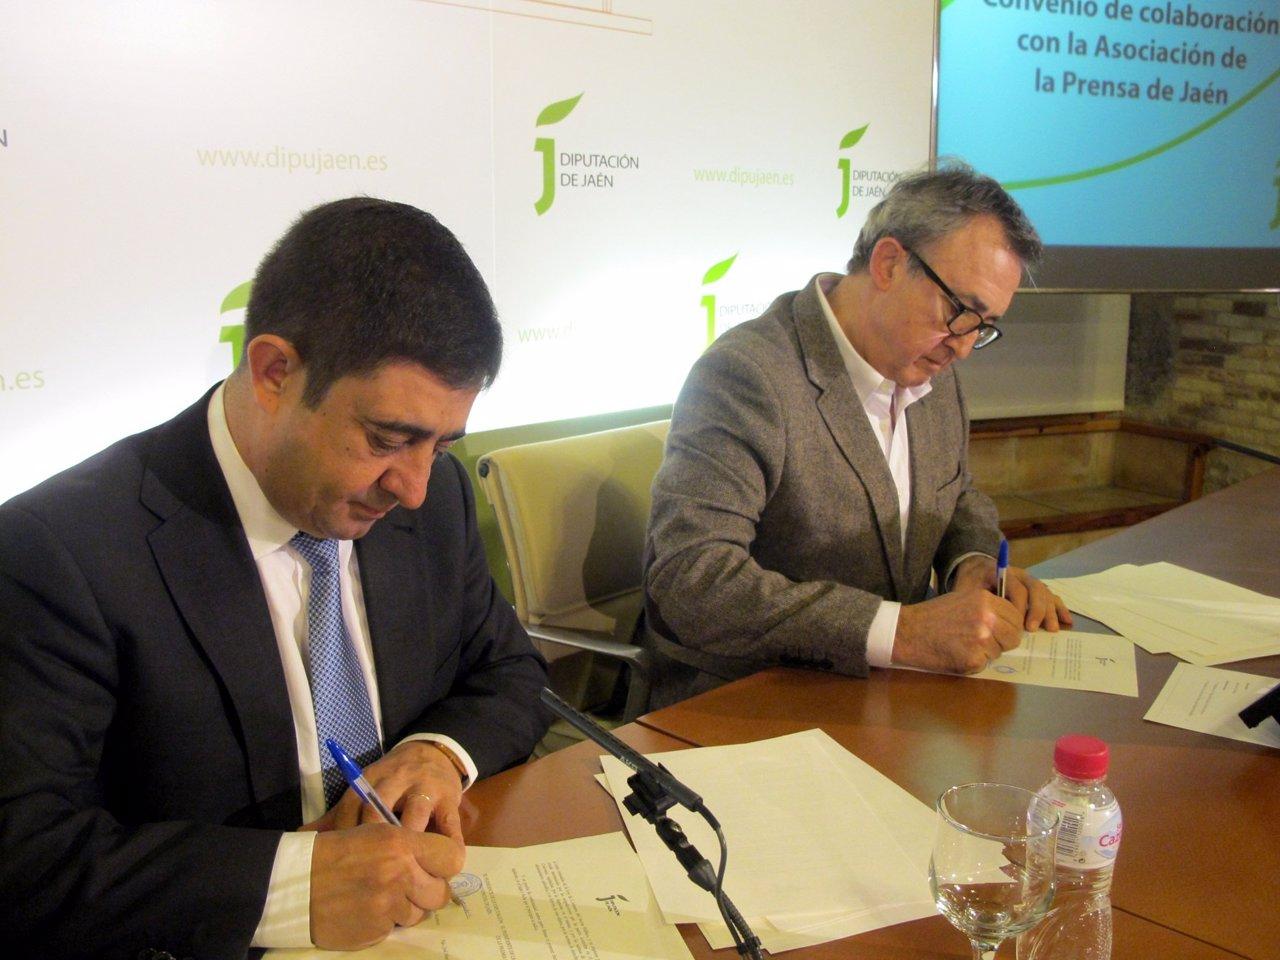 Firman del convenio para la edición especial de la 'Hoja del Lunes'.